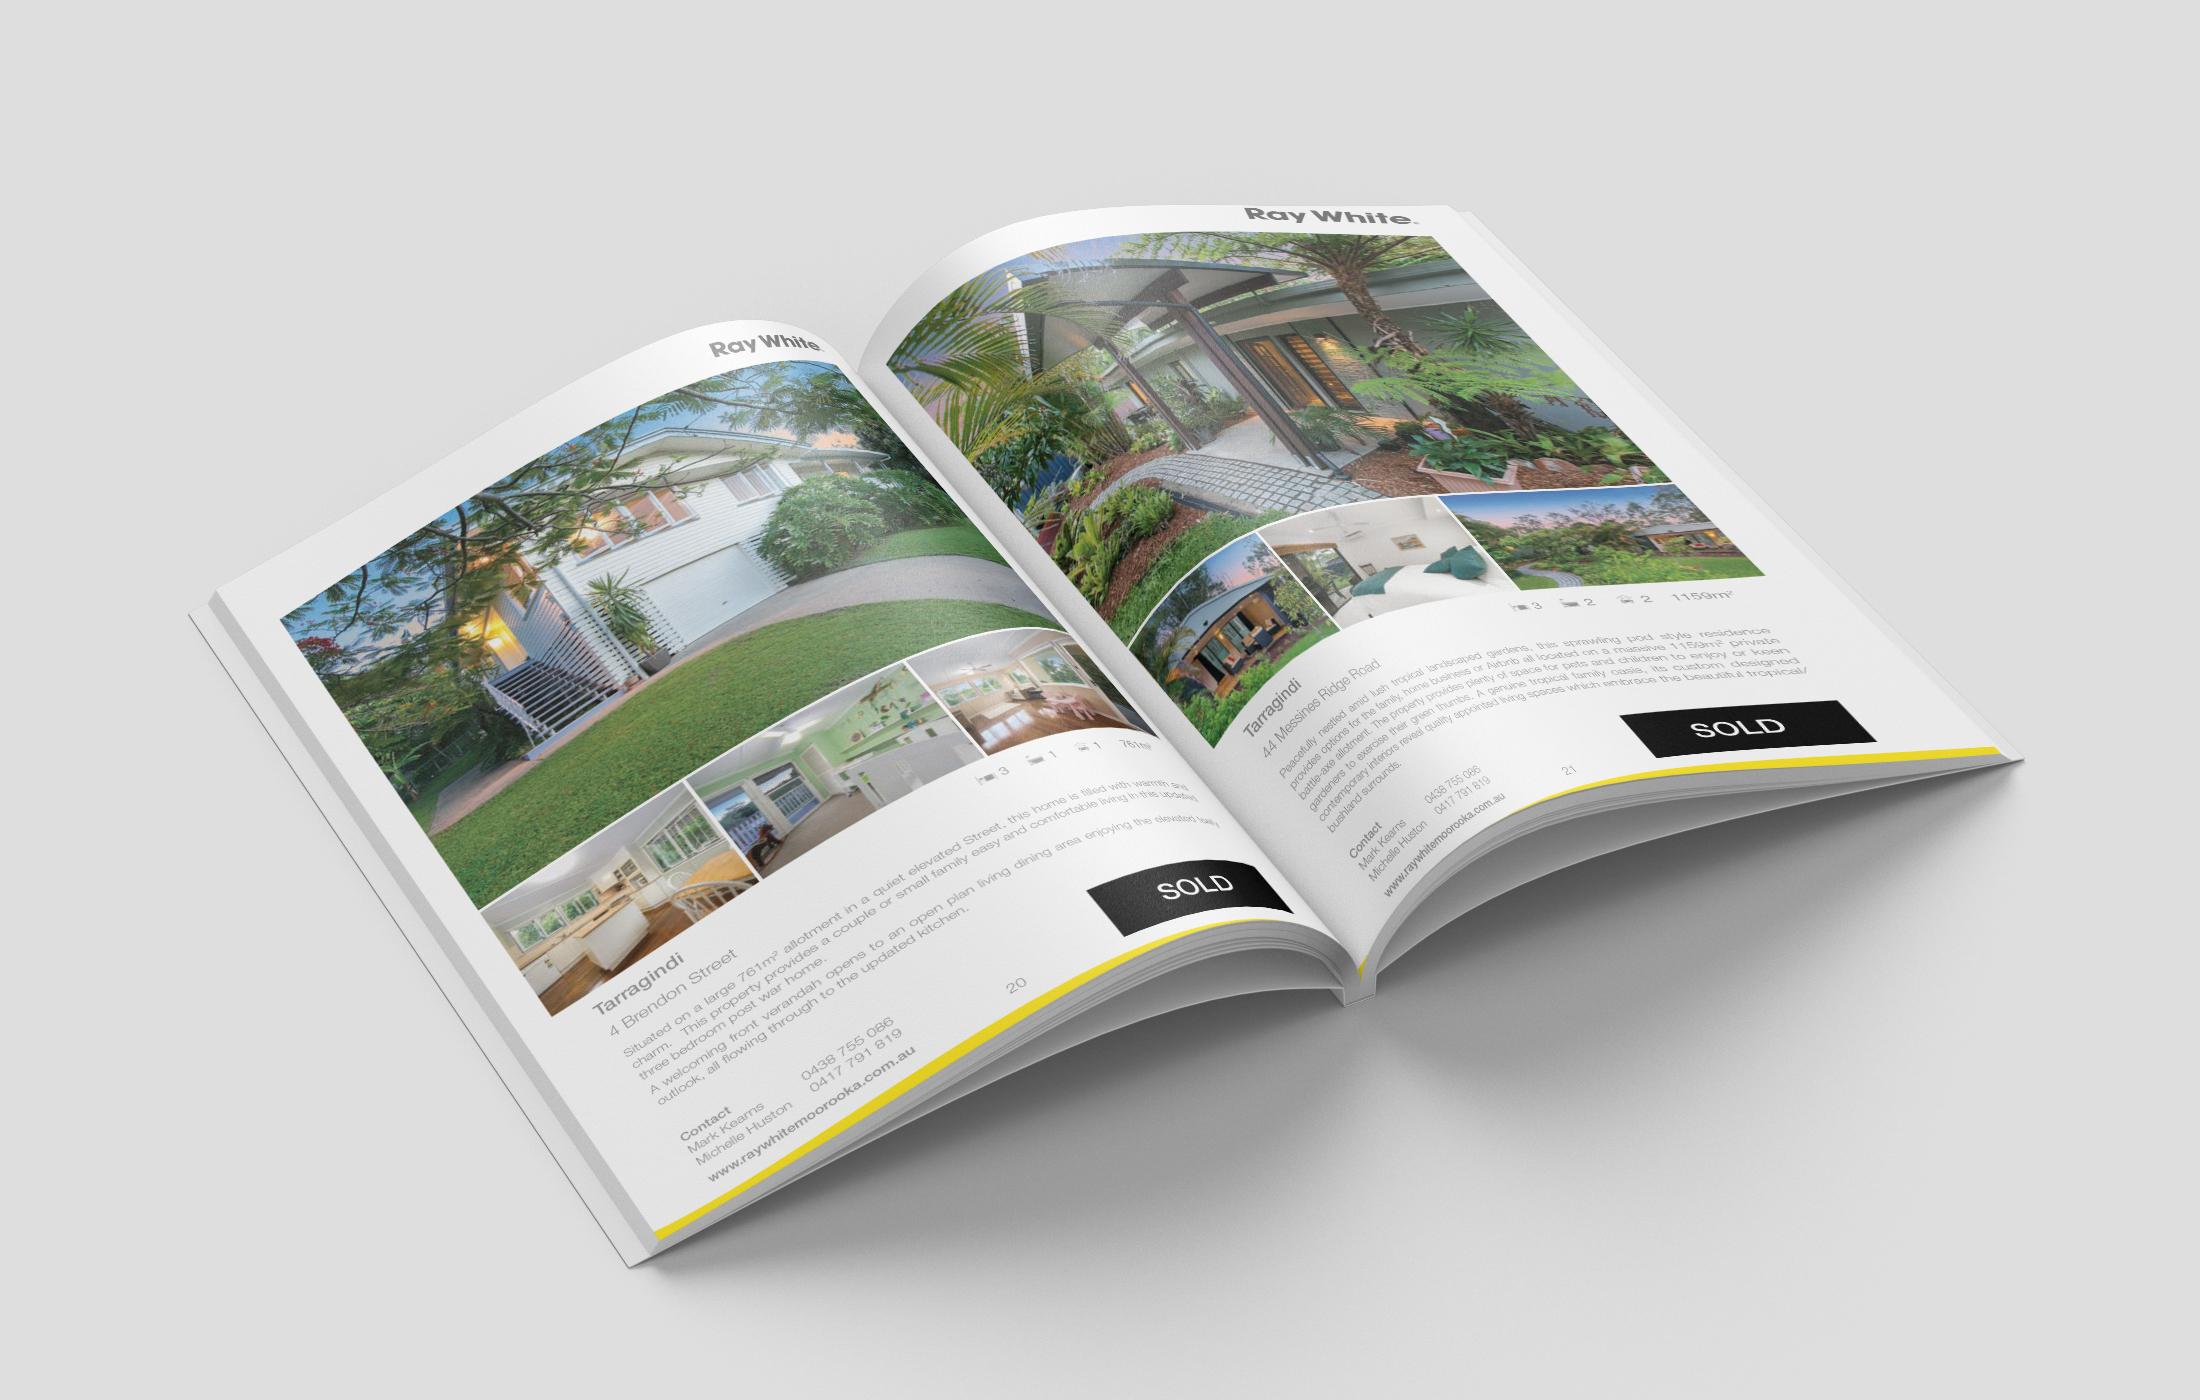 Ray White Magazine 3.jpg